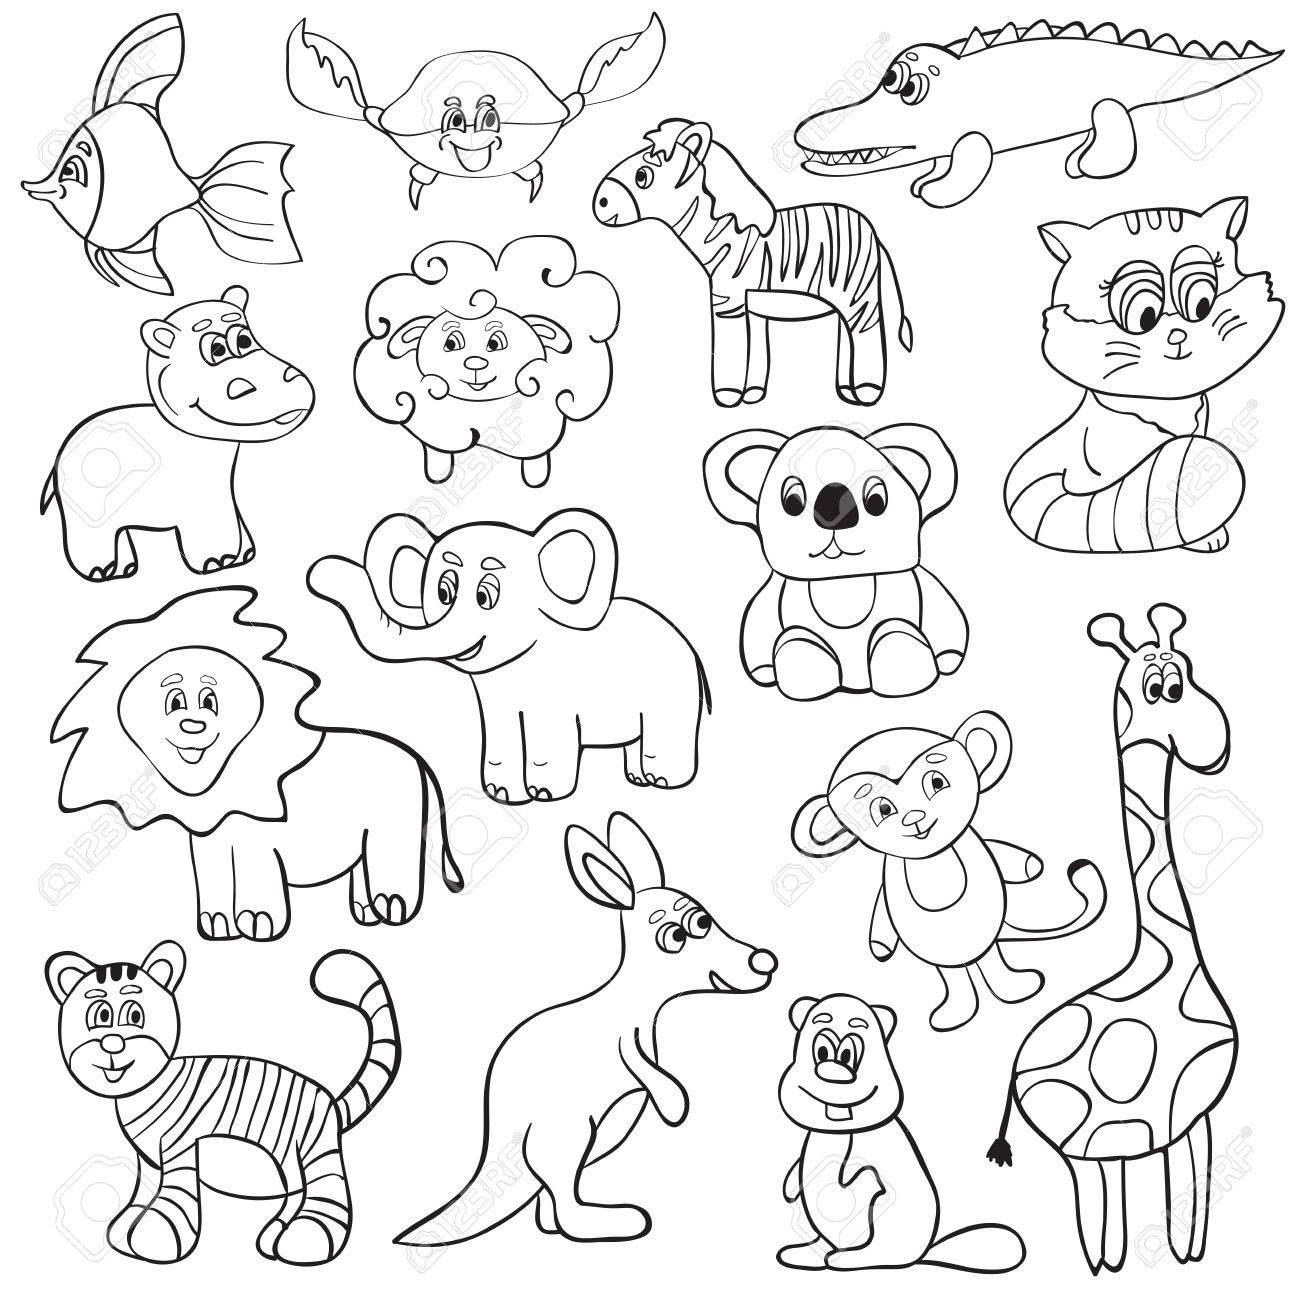 塗り絵ベクトル イラストかわいい動物 漫画セット のイラスト素材